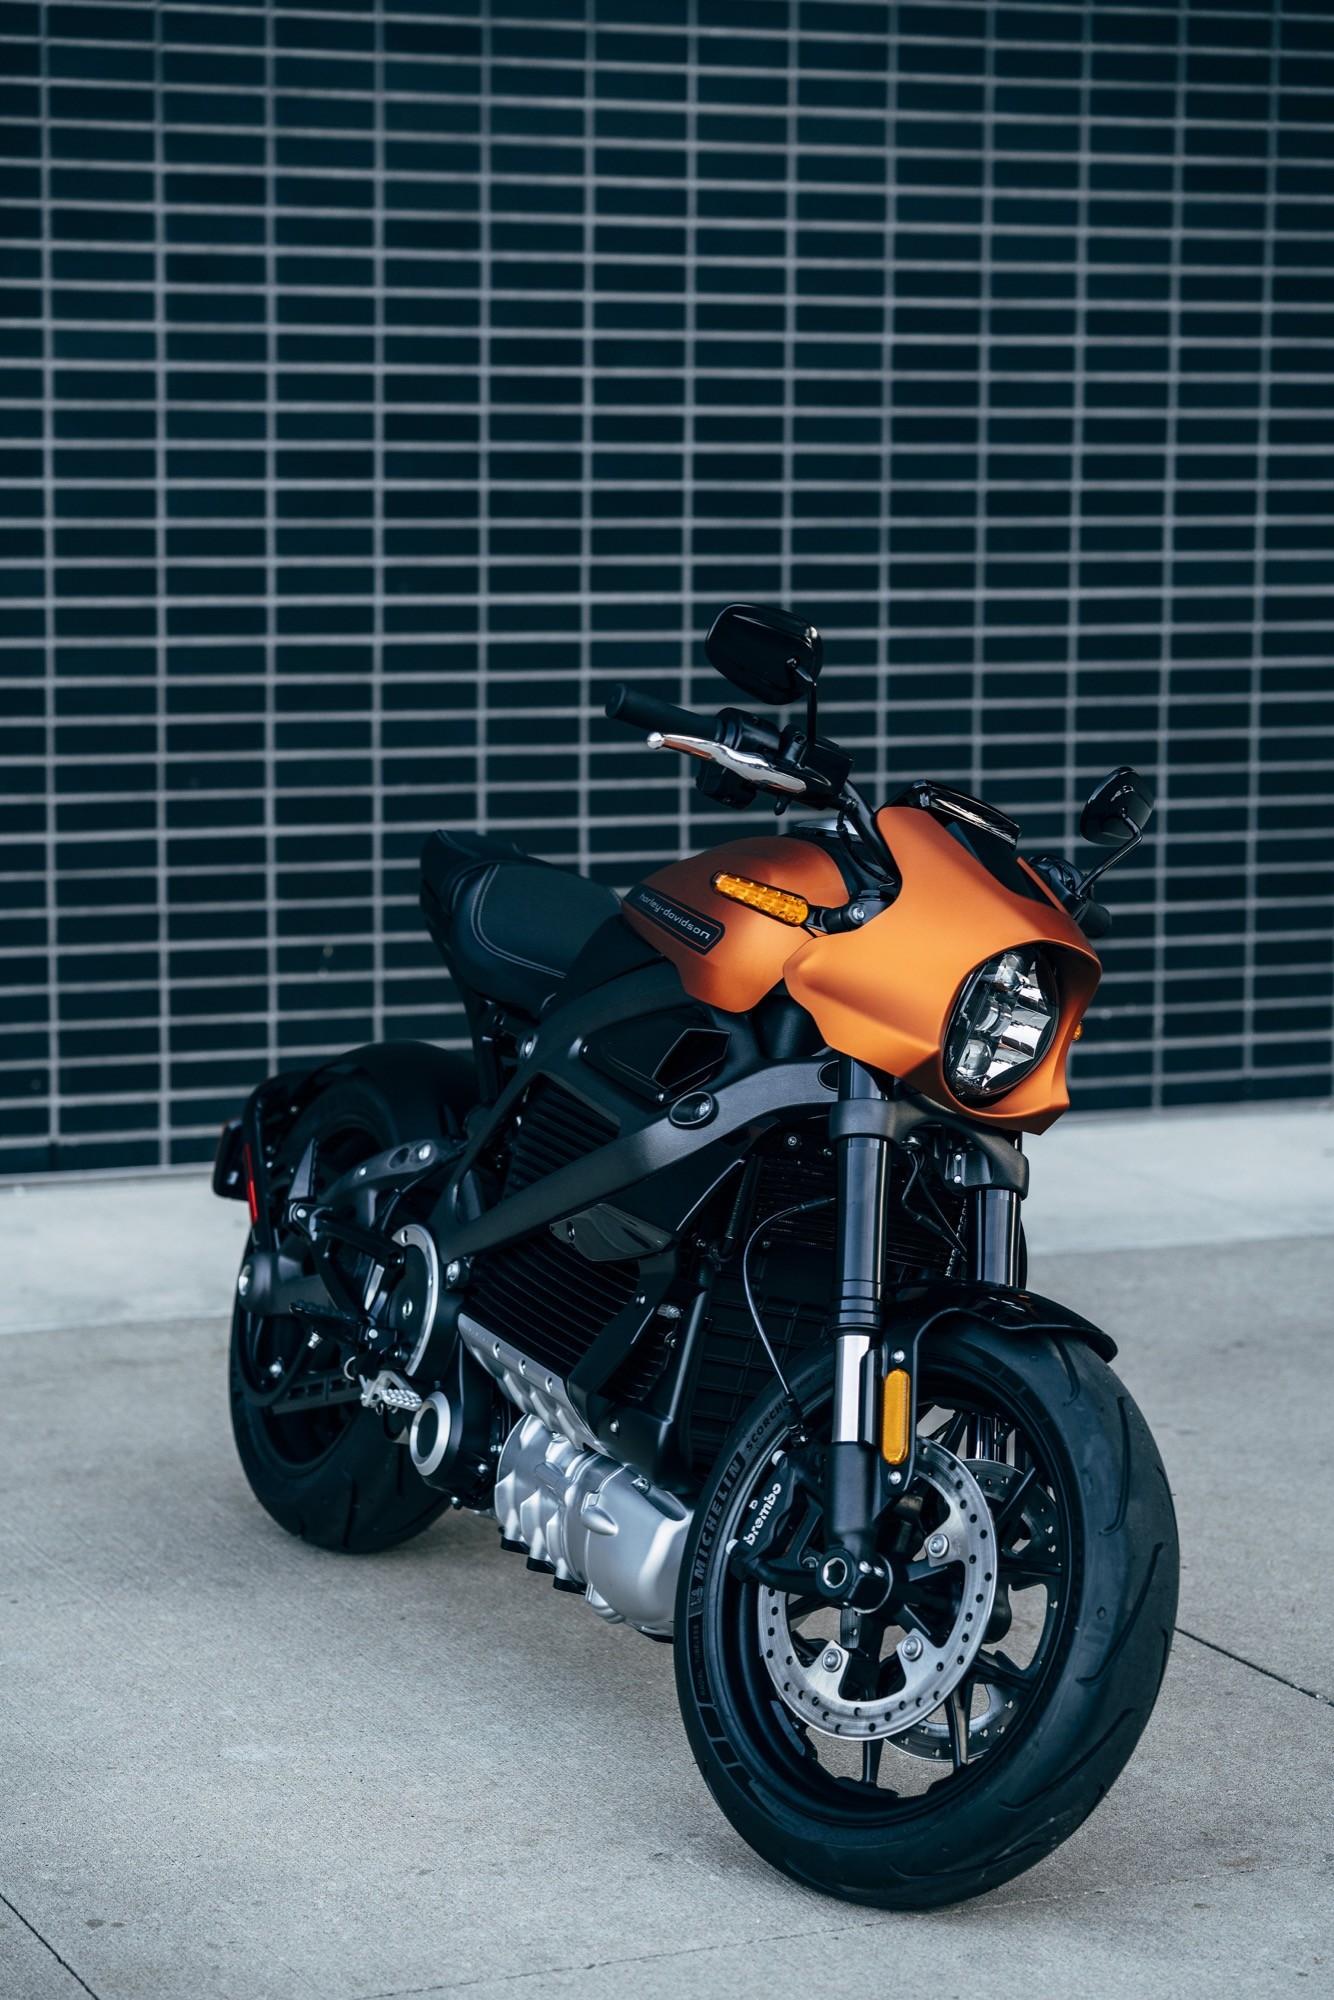 LiveWire: Harley-Davidson stellt sein Elektro-Motorrad vor - Harley-Davidson LiveWire (Bild: Harley)